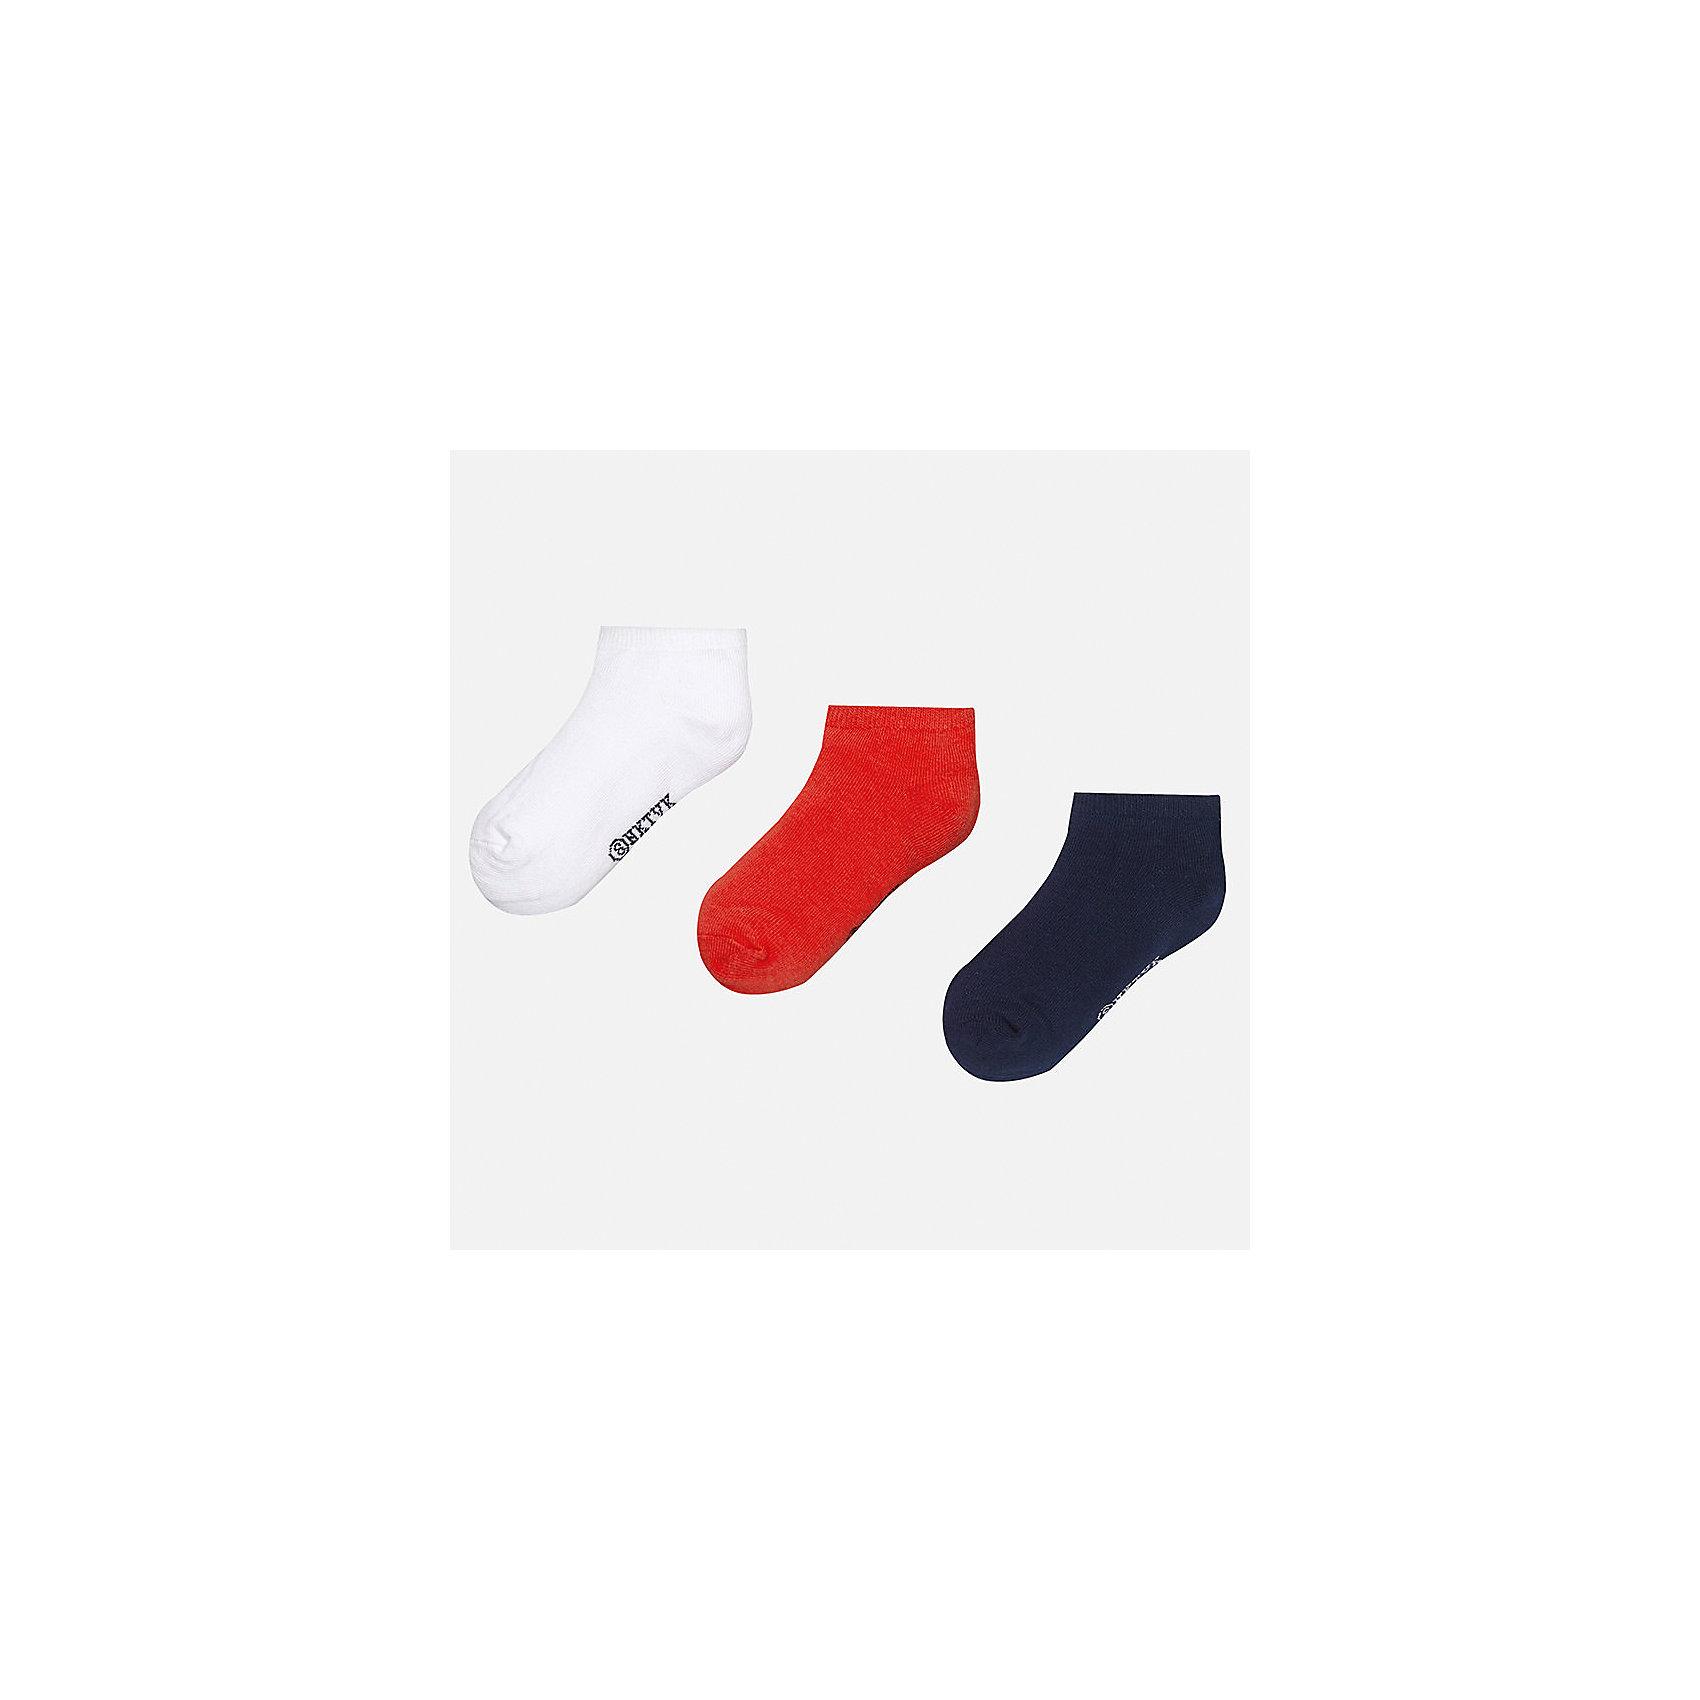 Носки (3 пары) для мальчика MayoralХарактеристики товара:<br><br>• цвет: белый/красный/синий<br>• состав: 72% хлопок, 25% полиамид, 3% эластан<br>• комплектация: три пары<br>• мягкая резинка<br>• эластичный материал<br>• однотонные<br>• страна бренда: Испания<br><br>Удобные симпатичные носки для мальчика помогут обеспечить ребенку комфорт и дополнить наряд. Универсальный цвет позволяет надевать их под обувь разных расцветок. Носки удобно сидят на ноге и аккуратно смотрятся. Этот комплект - практичный и красивый! В составе материала - натуральный хлопок, гипоаллергенный, приятный на ощупь, дышащий. <br><br>Одежда, обувь и аксессуары от испанского бренда Mayoral полюбились детям и взрослым по всему миру. Модели этой марки - стильные и удобные. Для их производства используются только безопасные, качественные материалы и фурнитура. Порадуйте ребенка модными и красивыми вещами от Mayoral! <br><br>Носки (3 пары) для мальчика от испанского бренда Mayoral (Майорал) можно купить в нашем интернет-магазине.<br><br>Ширина мм: 87<br>Глубина мм: 10<br>Высота мм: 105<br>Вес г: 115<br>Цвет: розовый<br>Возраст от месяцев: 72<br>Возраст до месяцев: 192<br>Пол: Мужской<br>Возраст: Детский<br>Размер: 8,16,14,12,10<br>SKU: 5282127